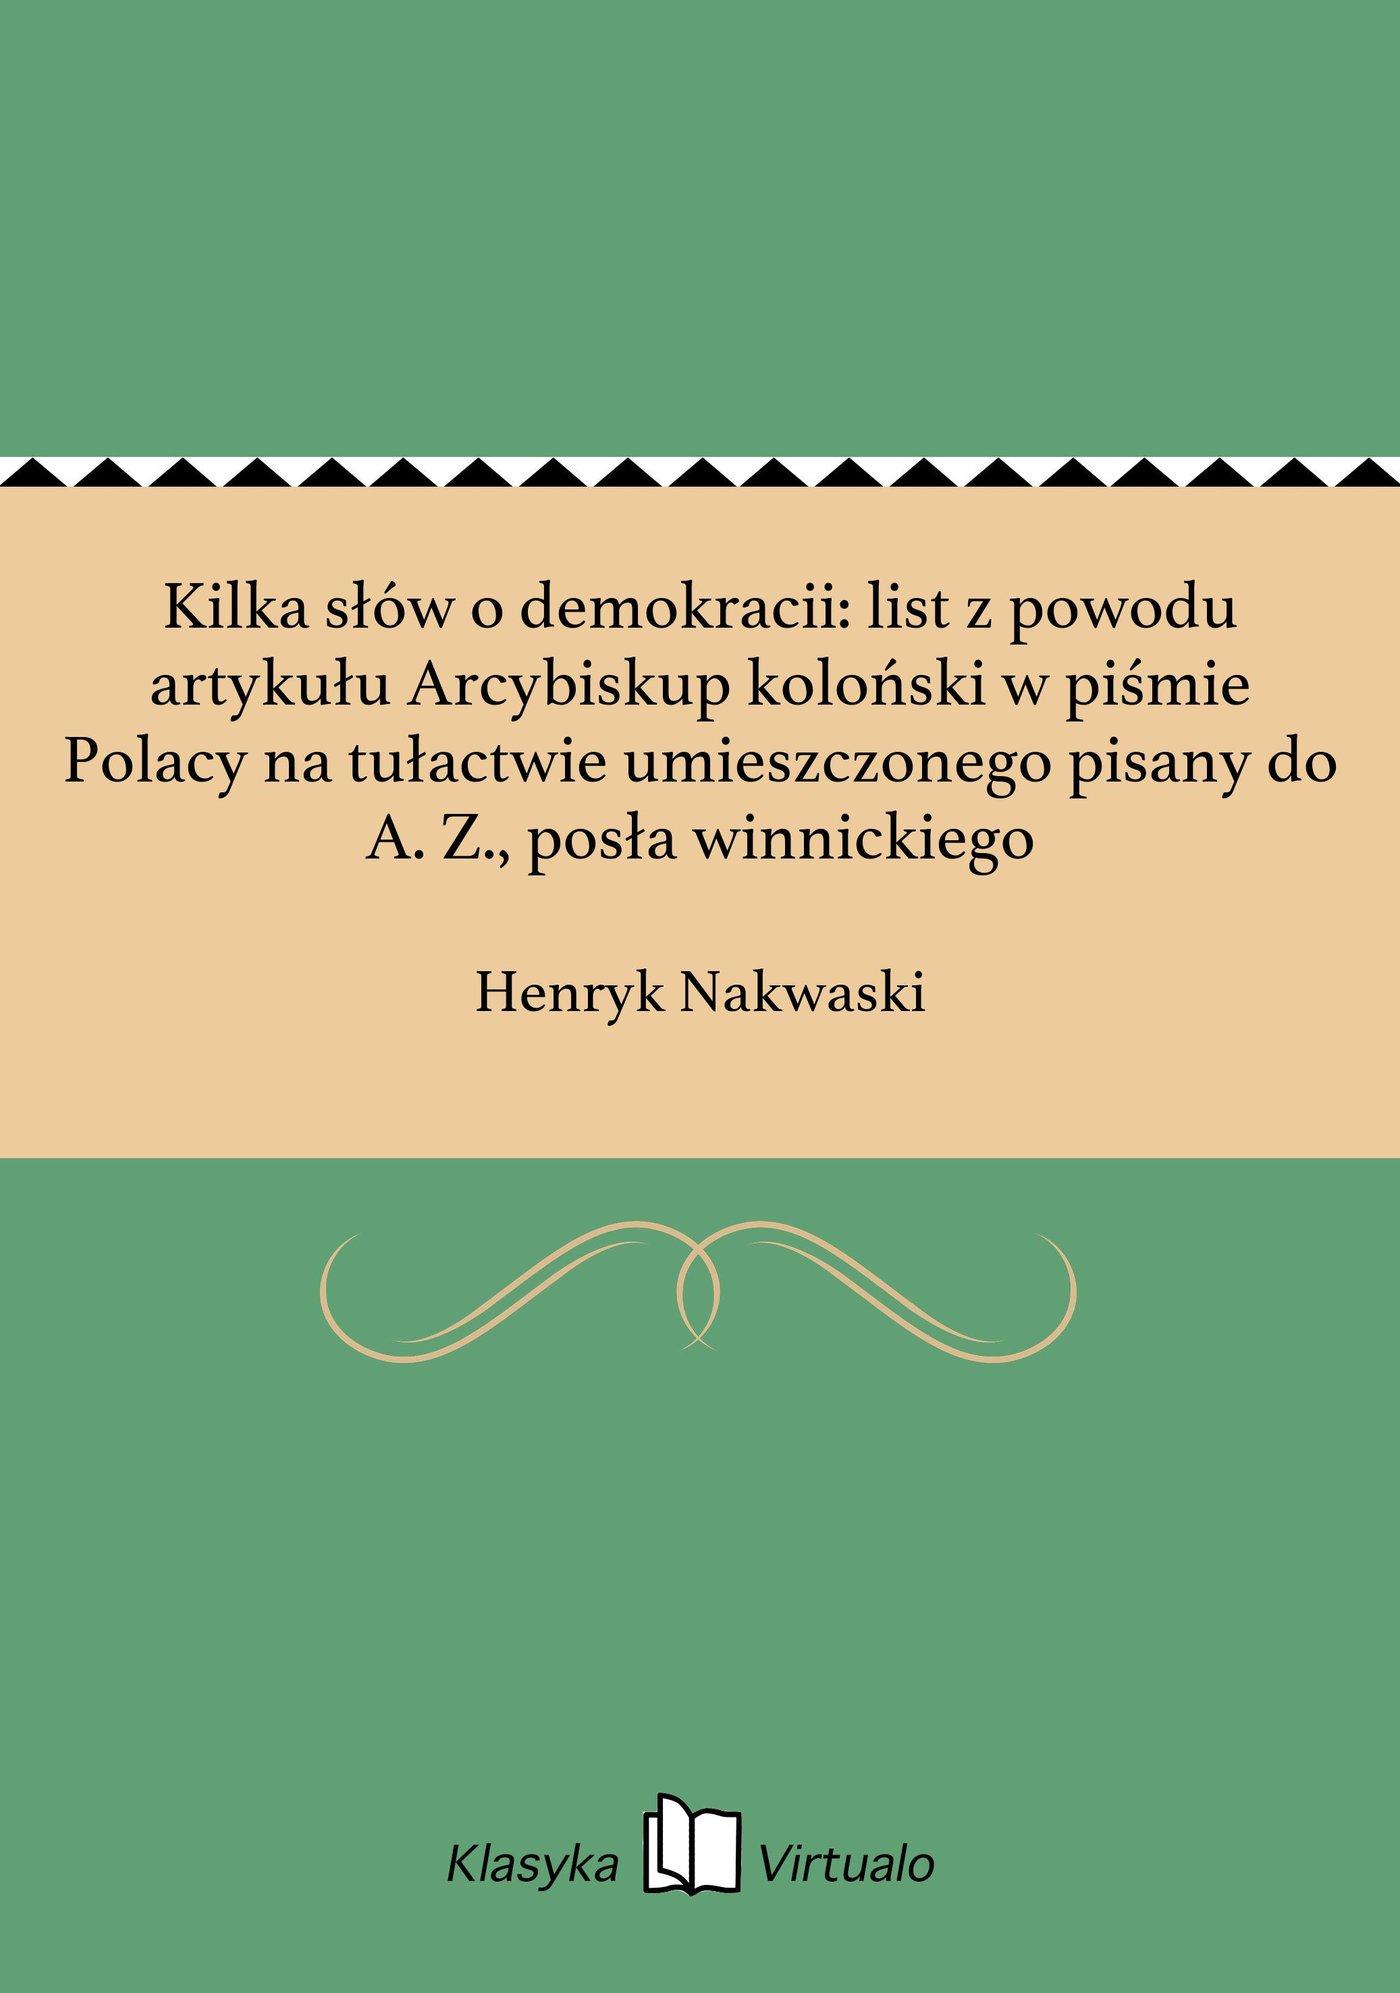 Kilka słów o demokracii: list z powodu artykułu Arcybiskup koloński w piśmie Polacy na tułactwie umieszczonego pisany do A. Z., posła winnickiego - Ebook (Książka na Kindle) do pobrania w formacie MOBI